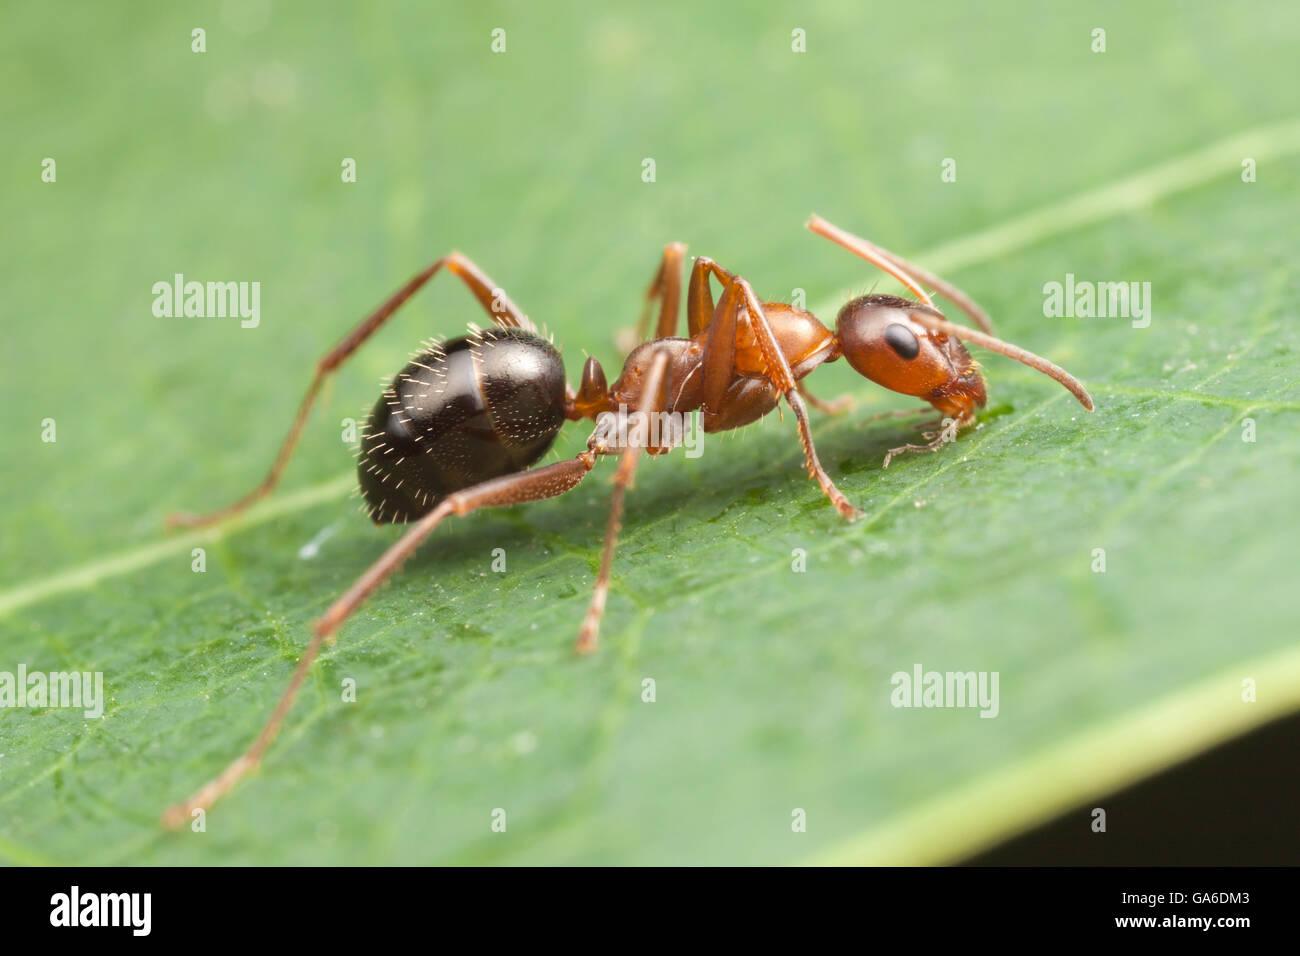 Eine Ameise (Formica Incerta) Futter auf einem Blatt. Stockbild